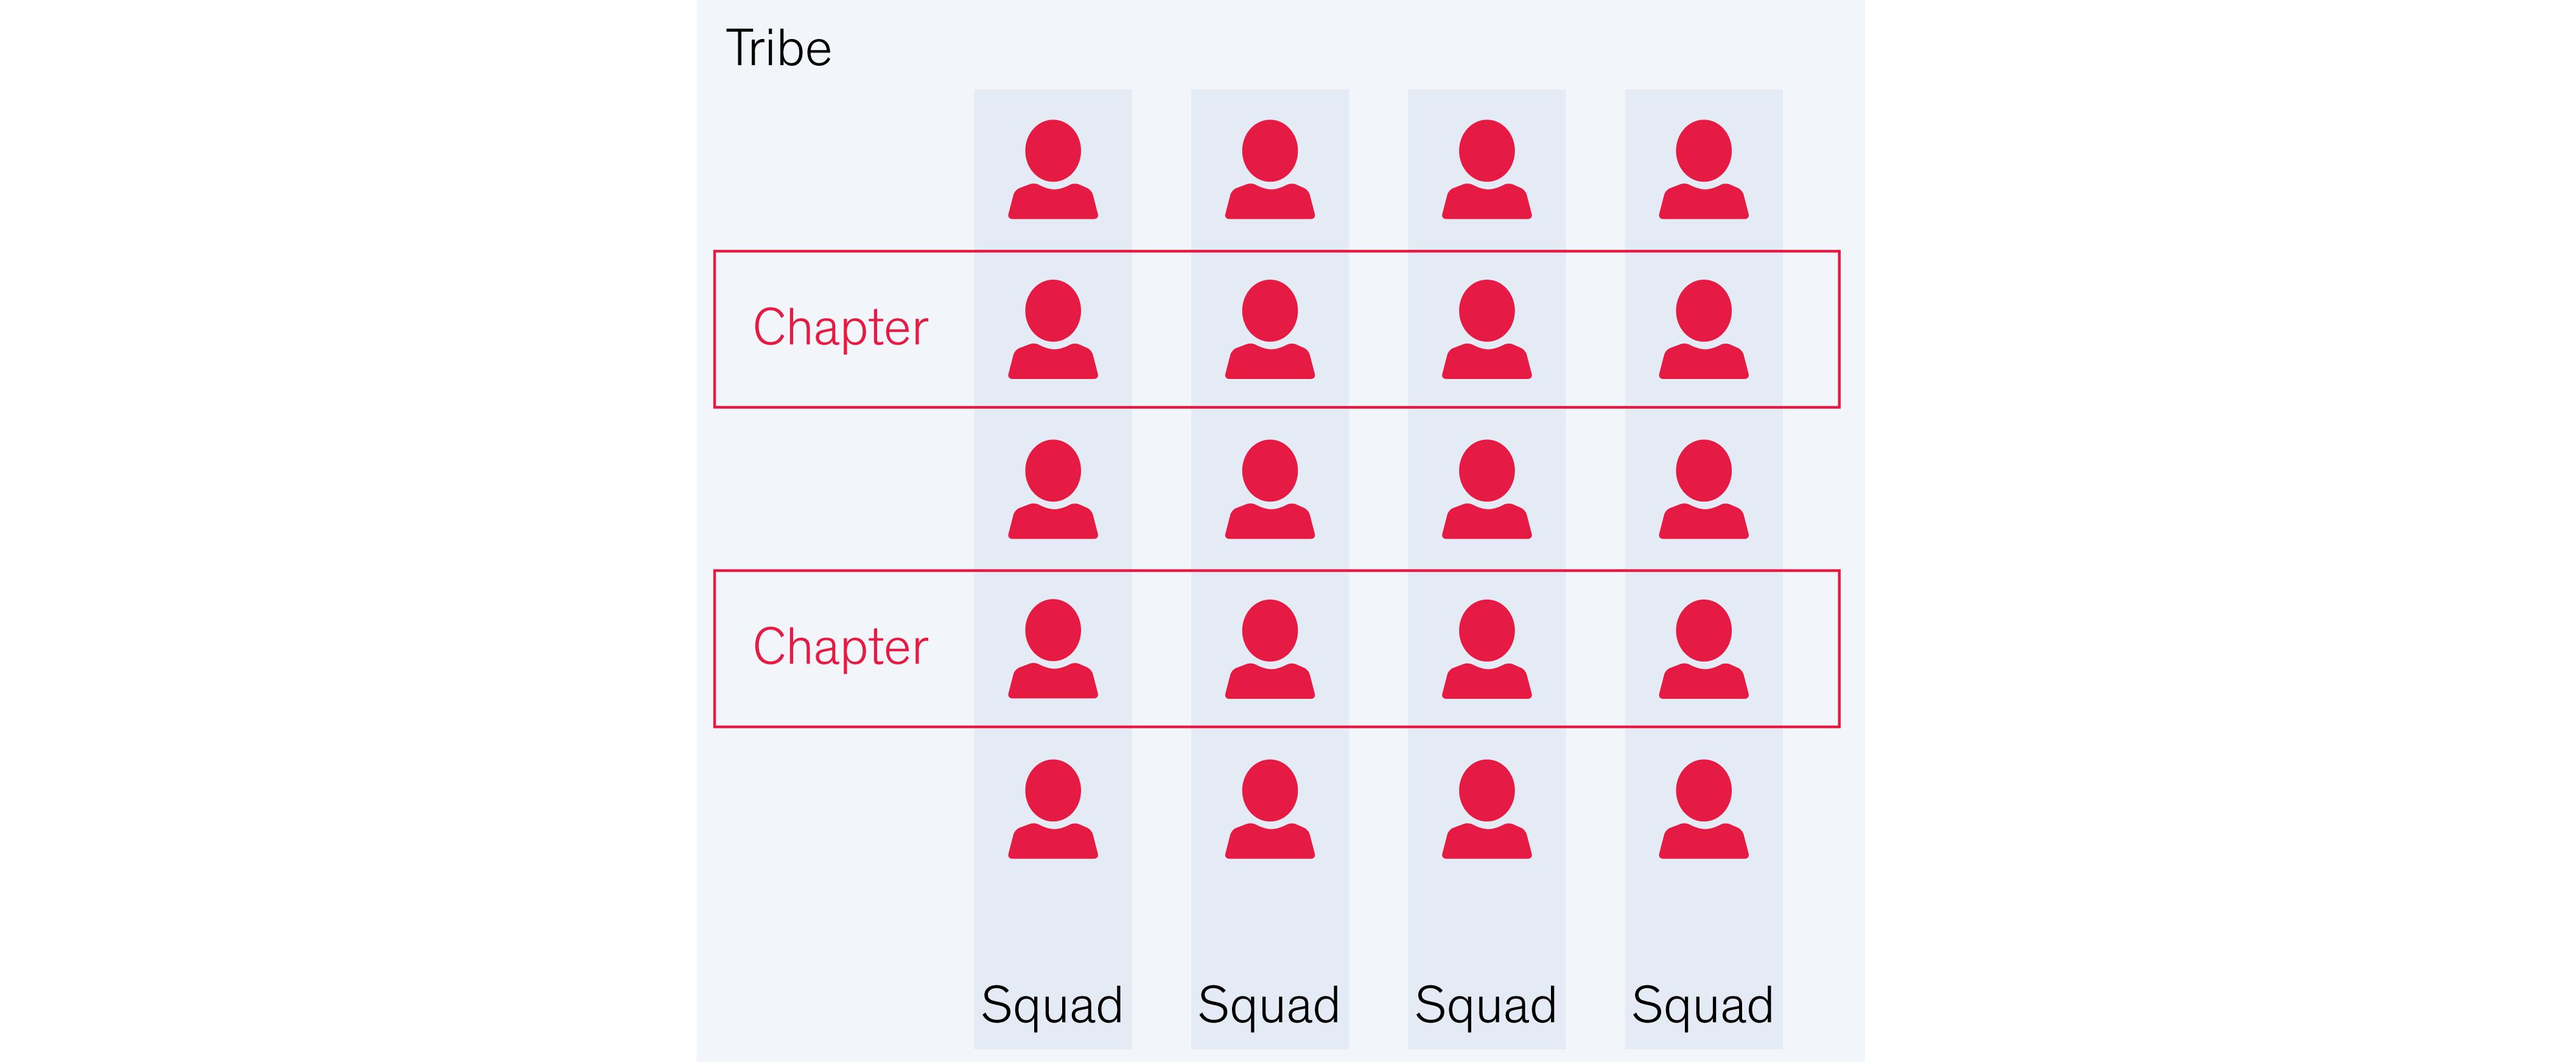 der-weg-zur-agilen-organisation_Tribe-Chapter-Squad_zentriert-1